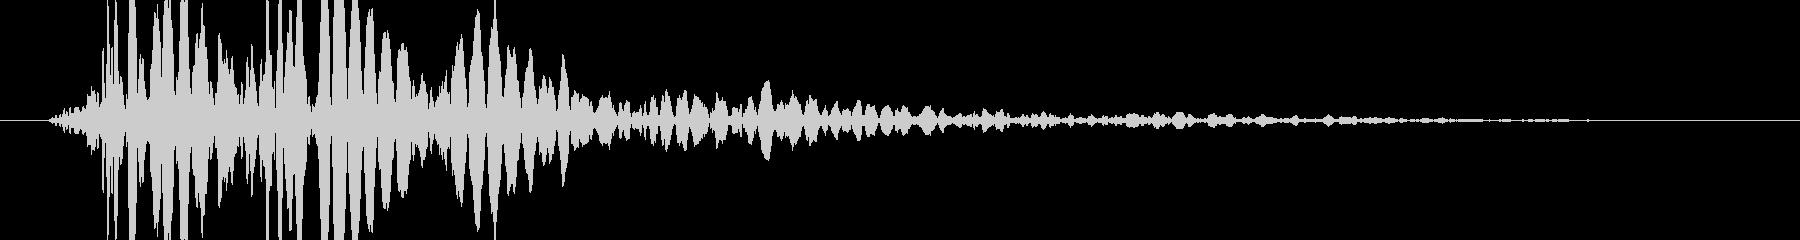 ゲーム ブロック・ロゴ落下 ドーンの未再生の波形